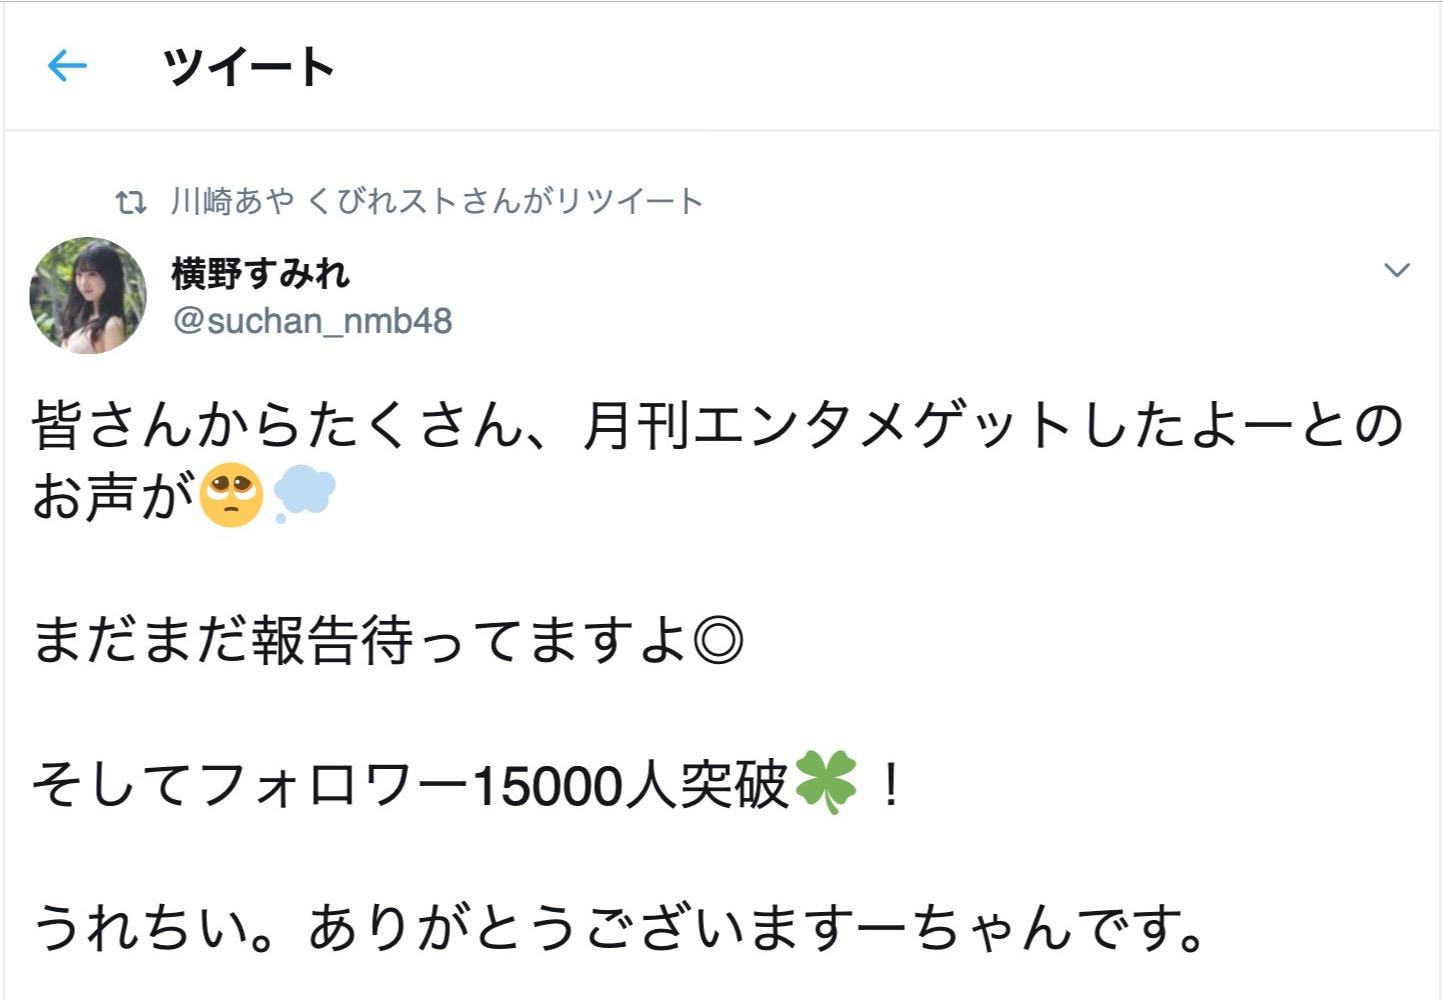 【横野すみれ】すーちゃんの月刊エンタメグラビア、トップグラドルからも高評価